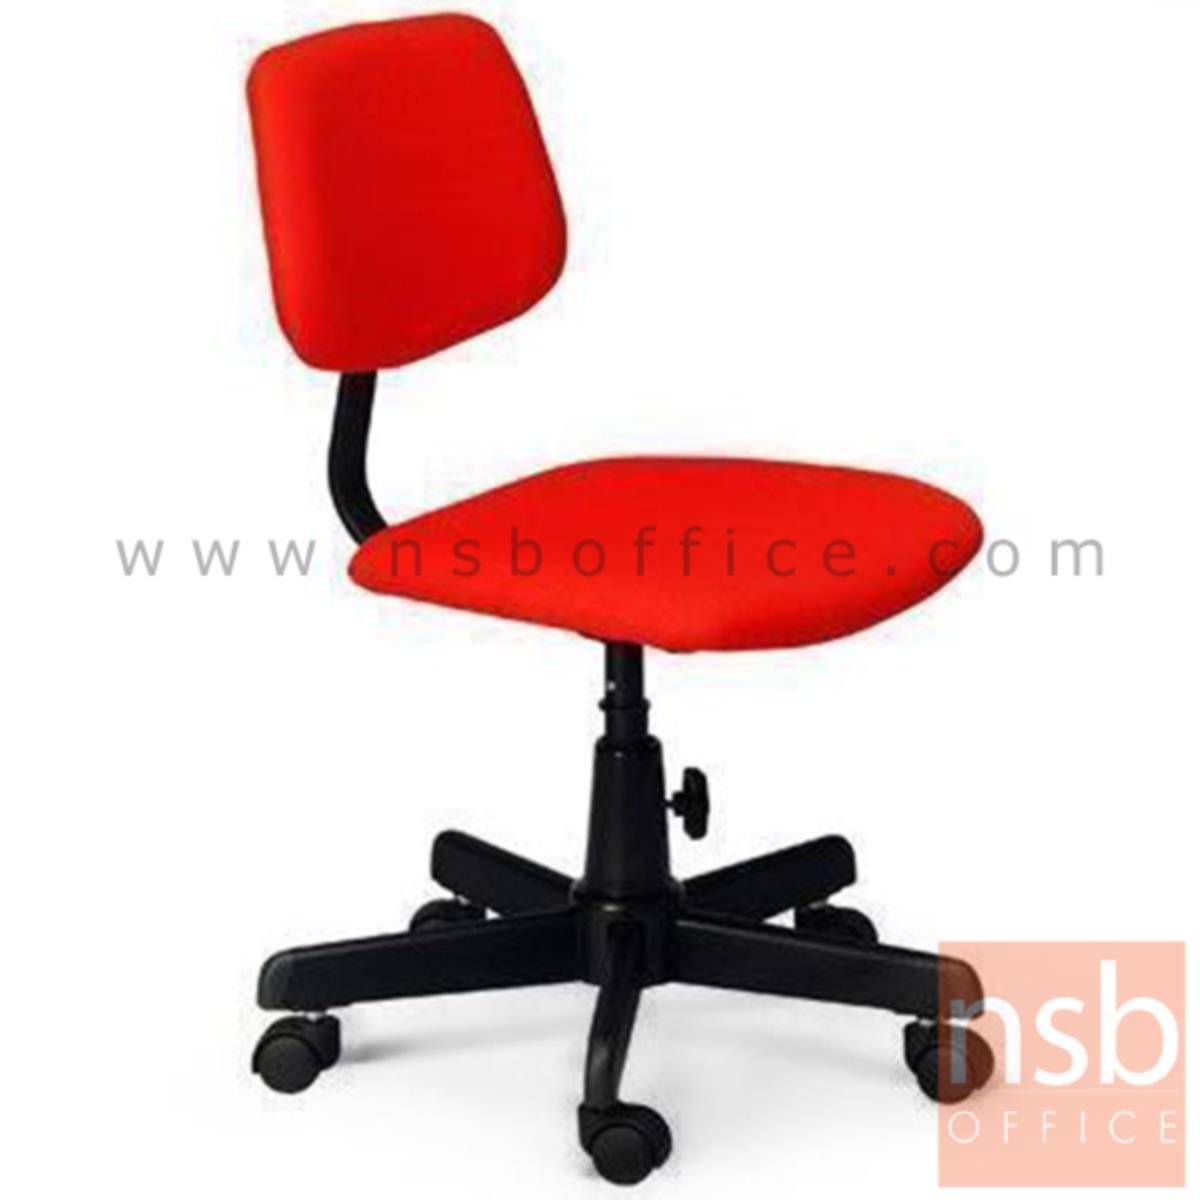 เก้าอี้สำนักงาน  รุ่น Candice (แคนดีซ)  สกรูล็อค ขาพลาสติก